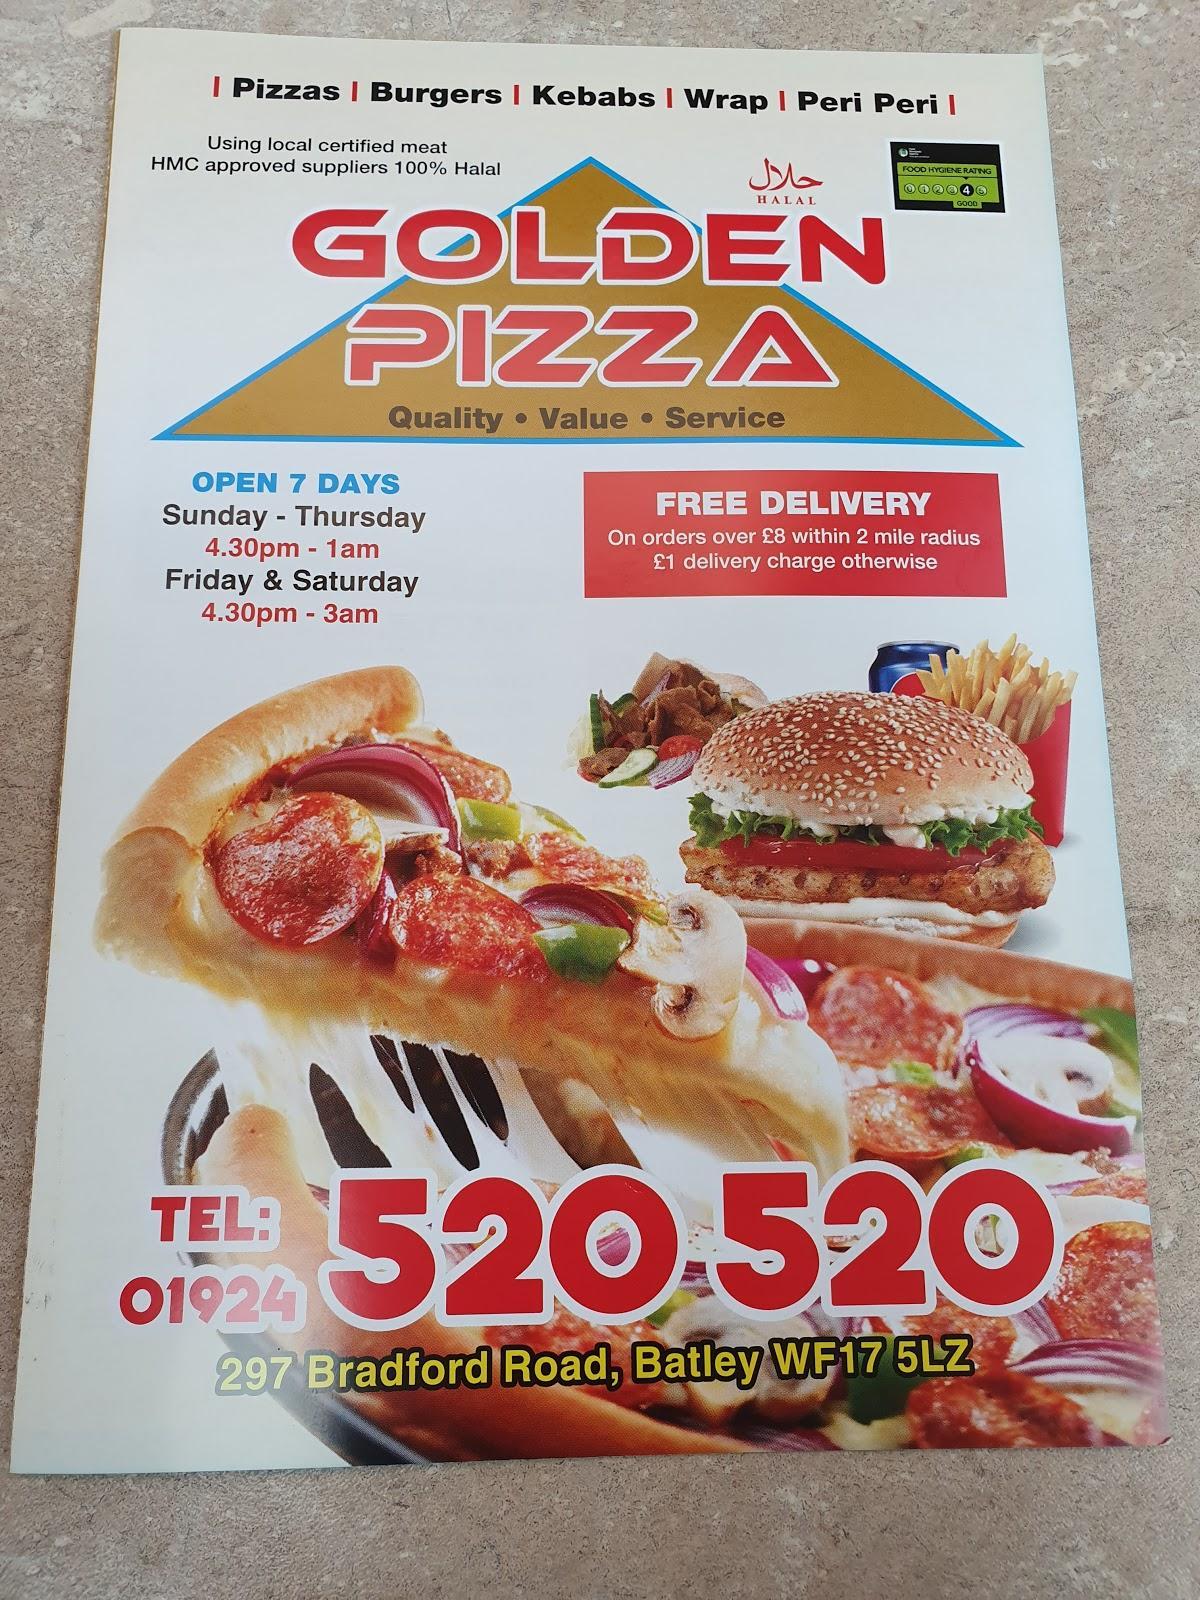 Golden Pizza 297 Bradford Rd In Batley Restaurant Menu